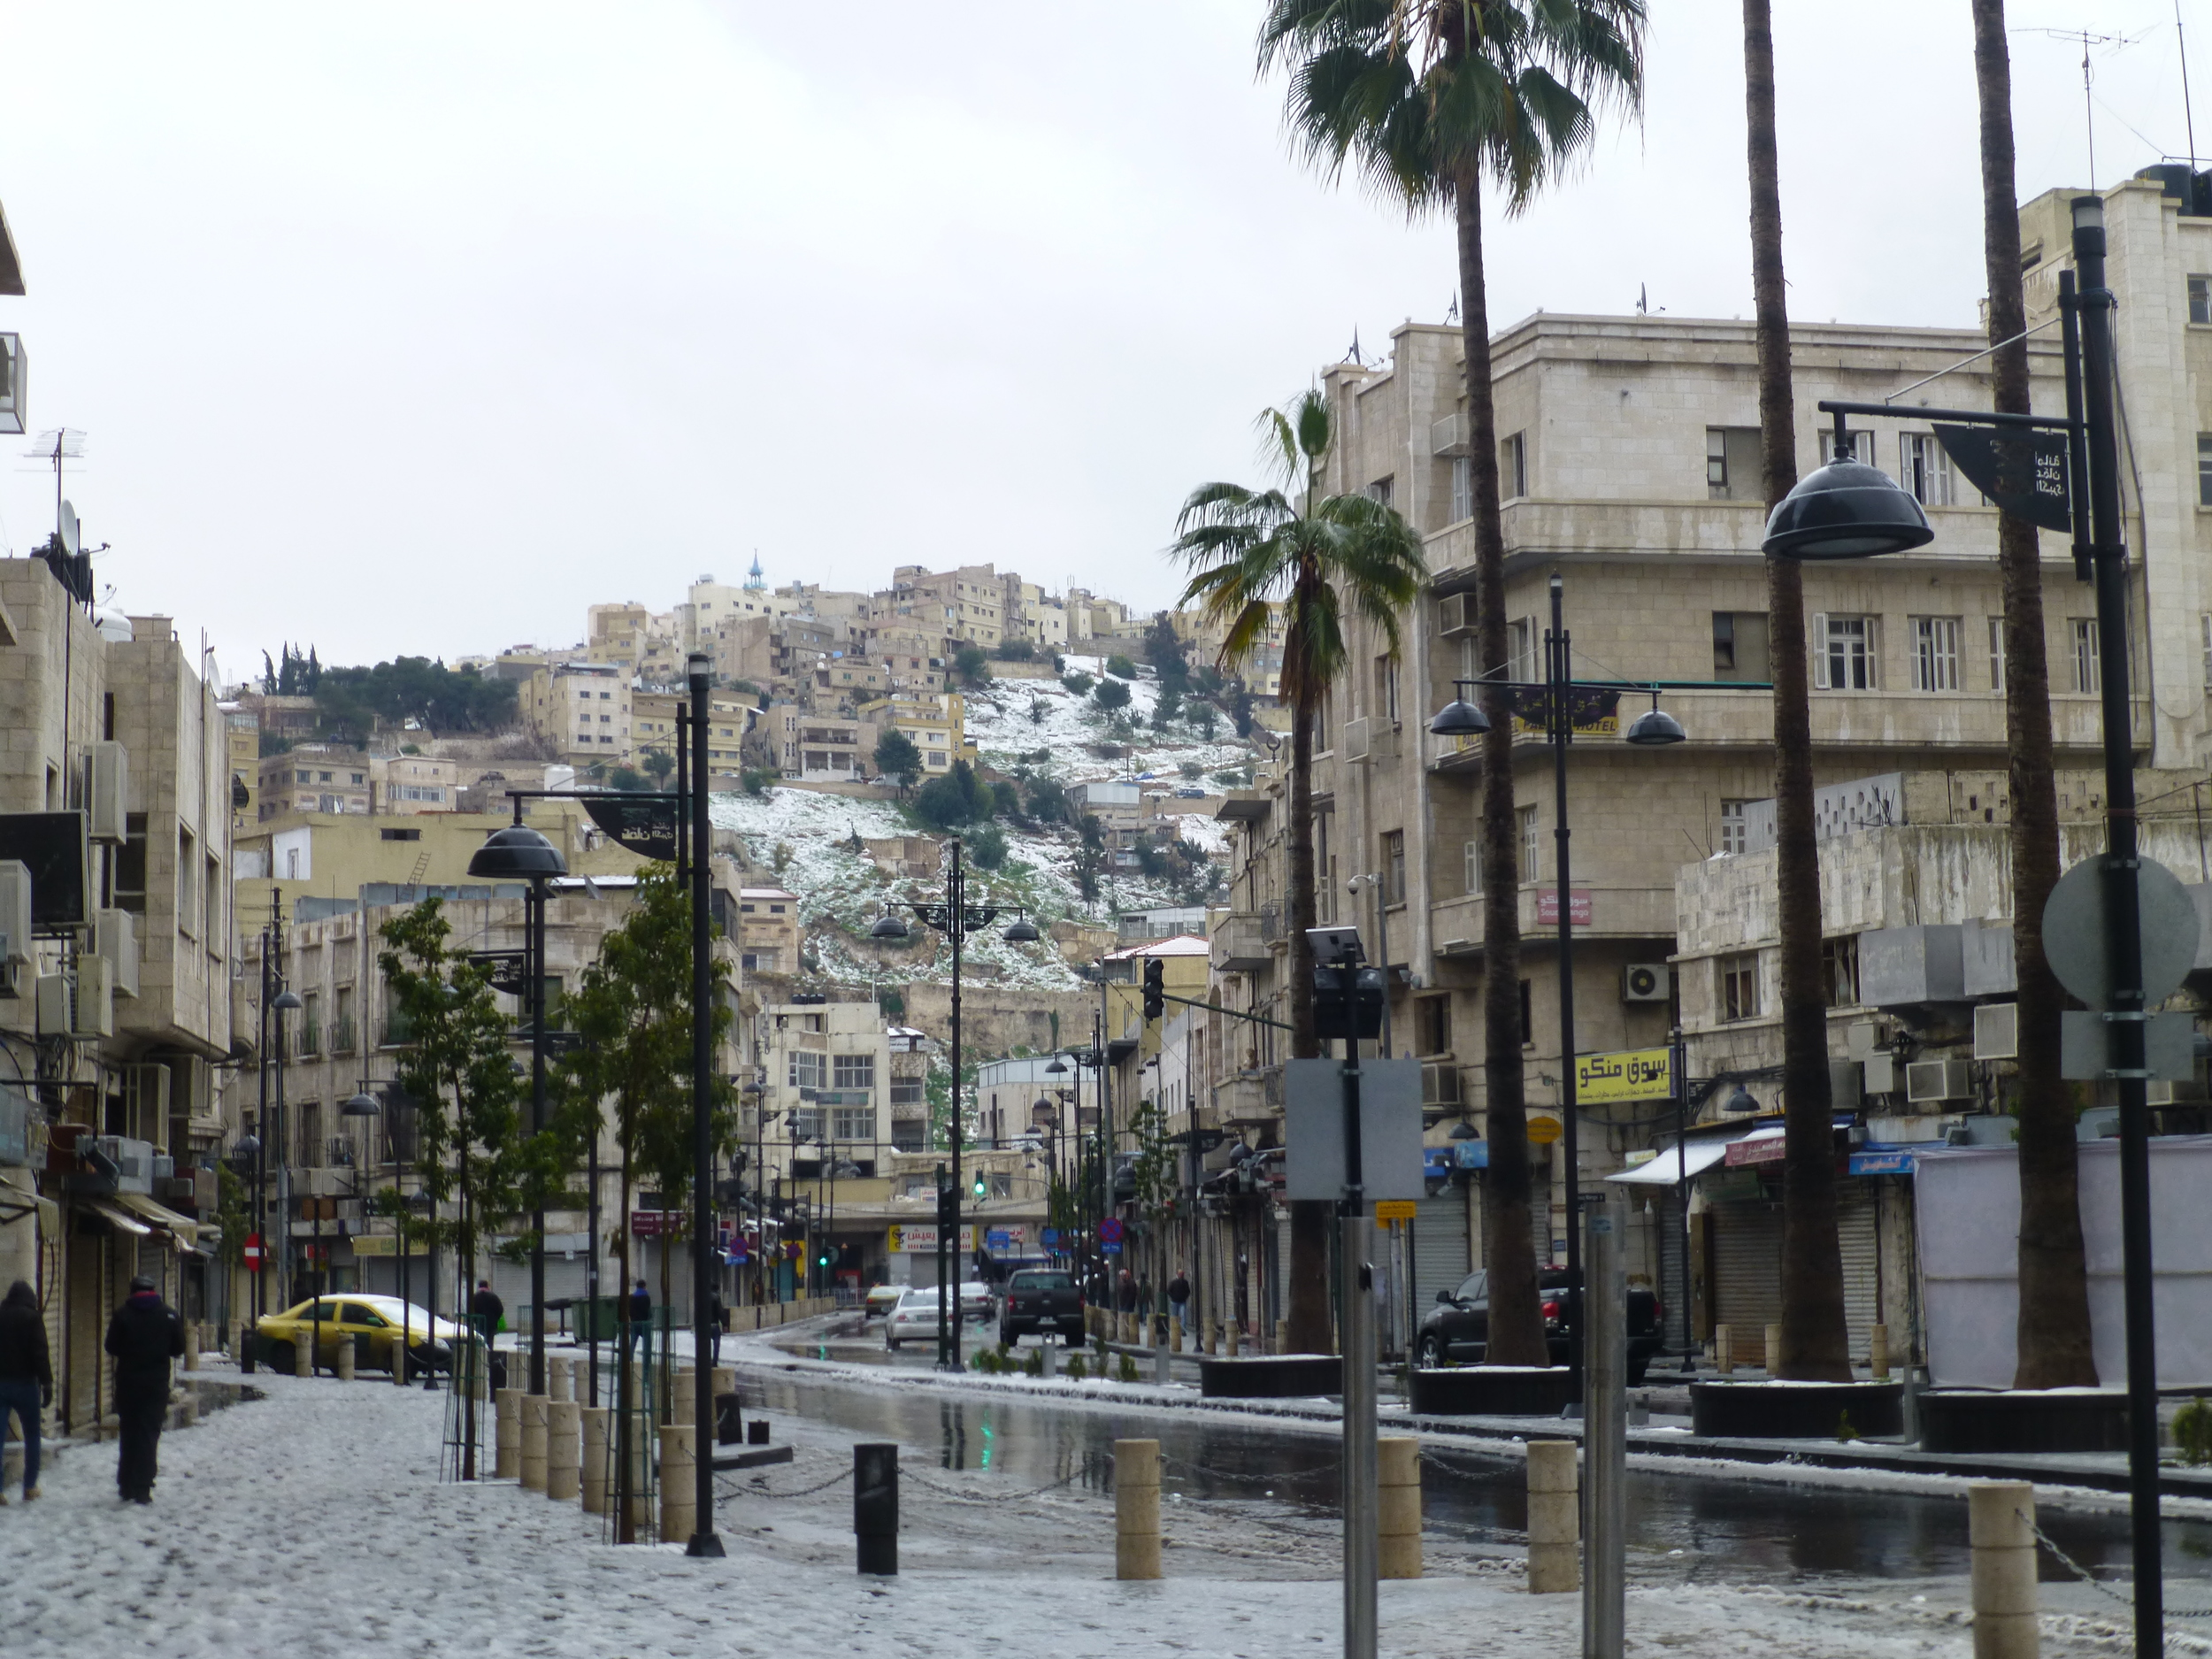 snowy street scene,Amman